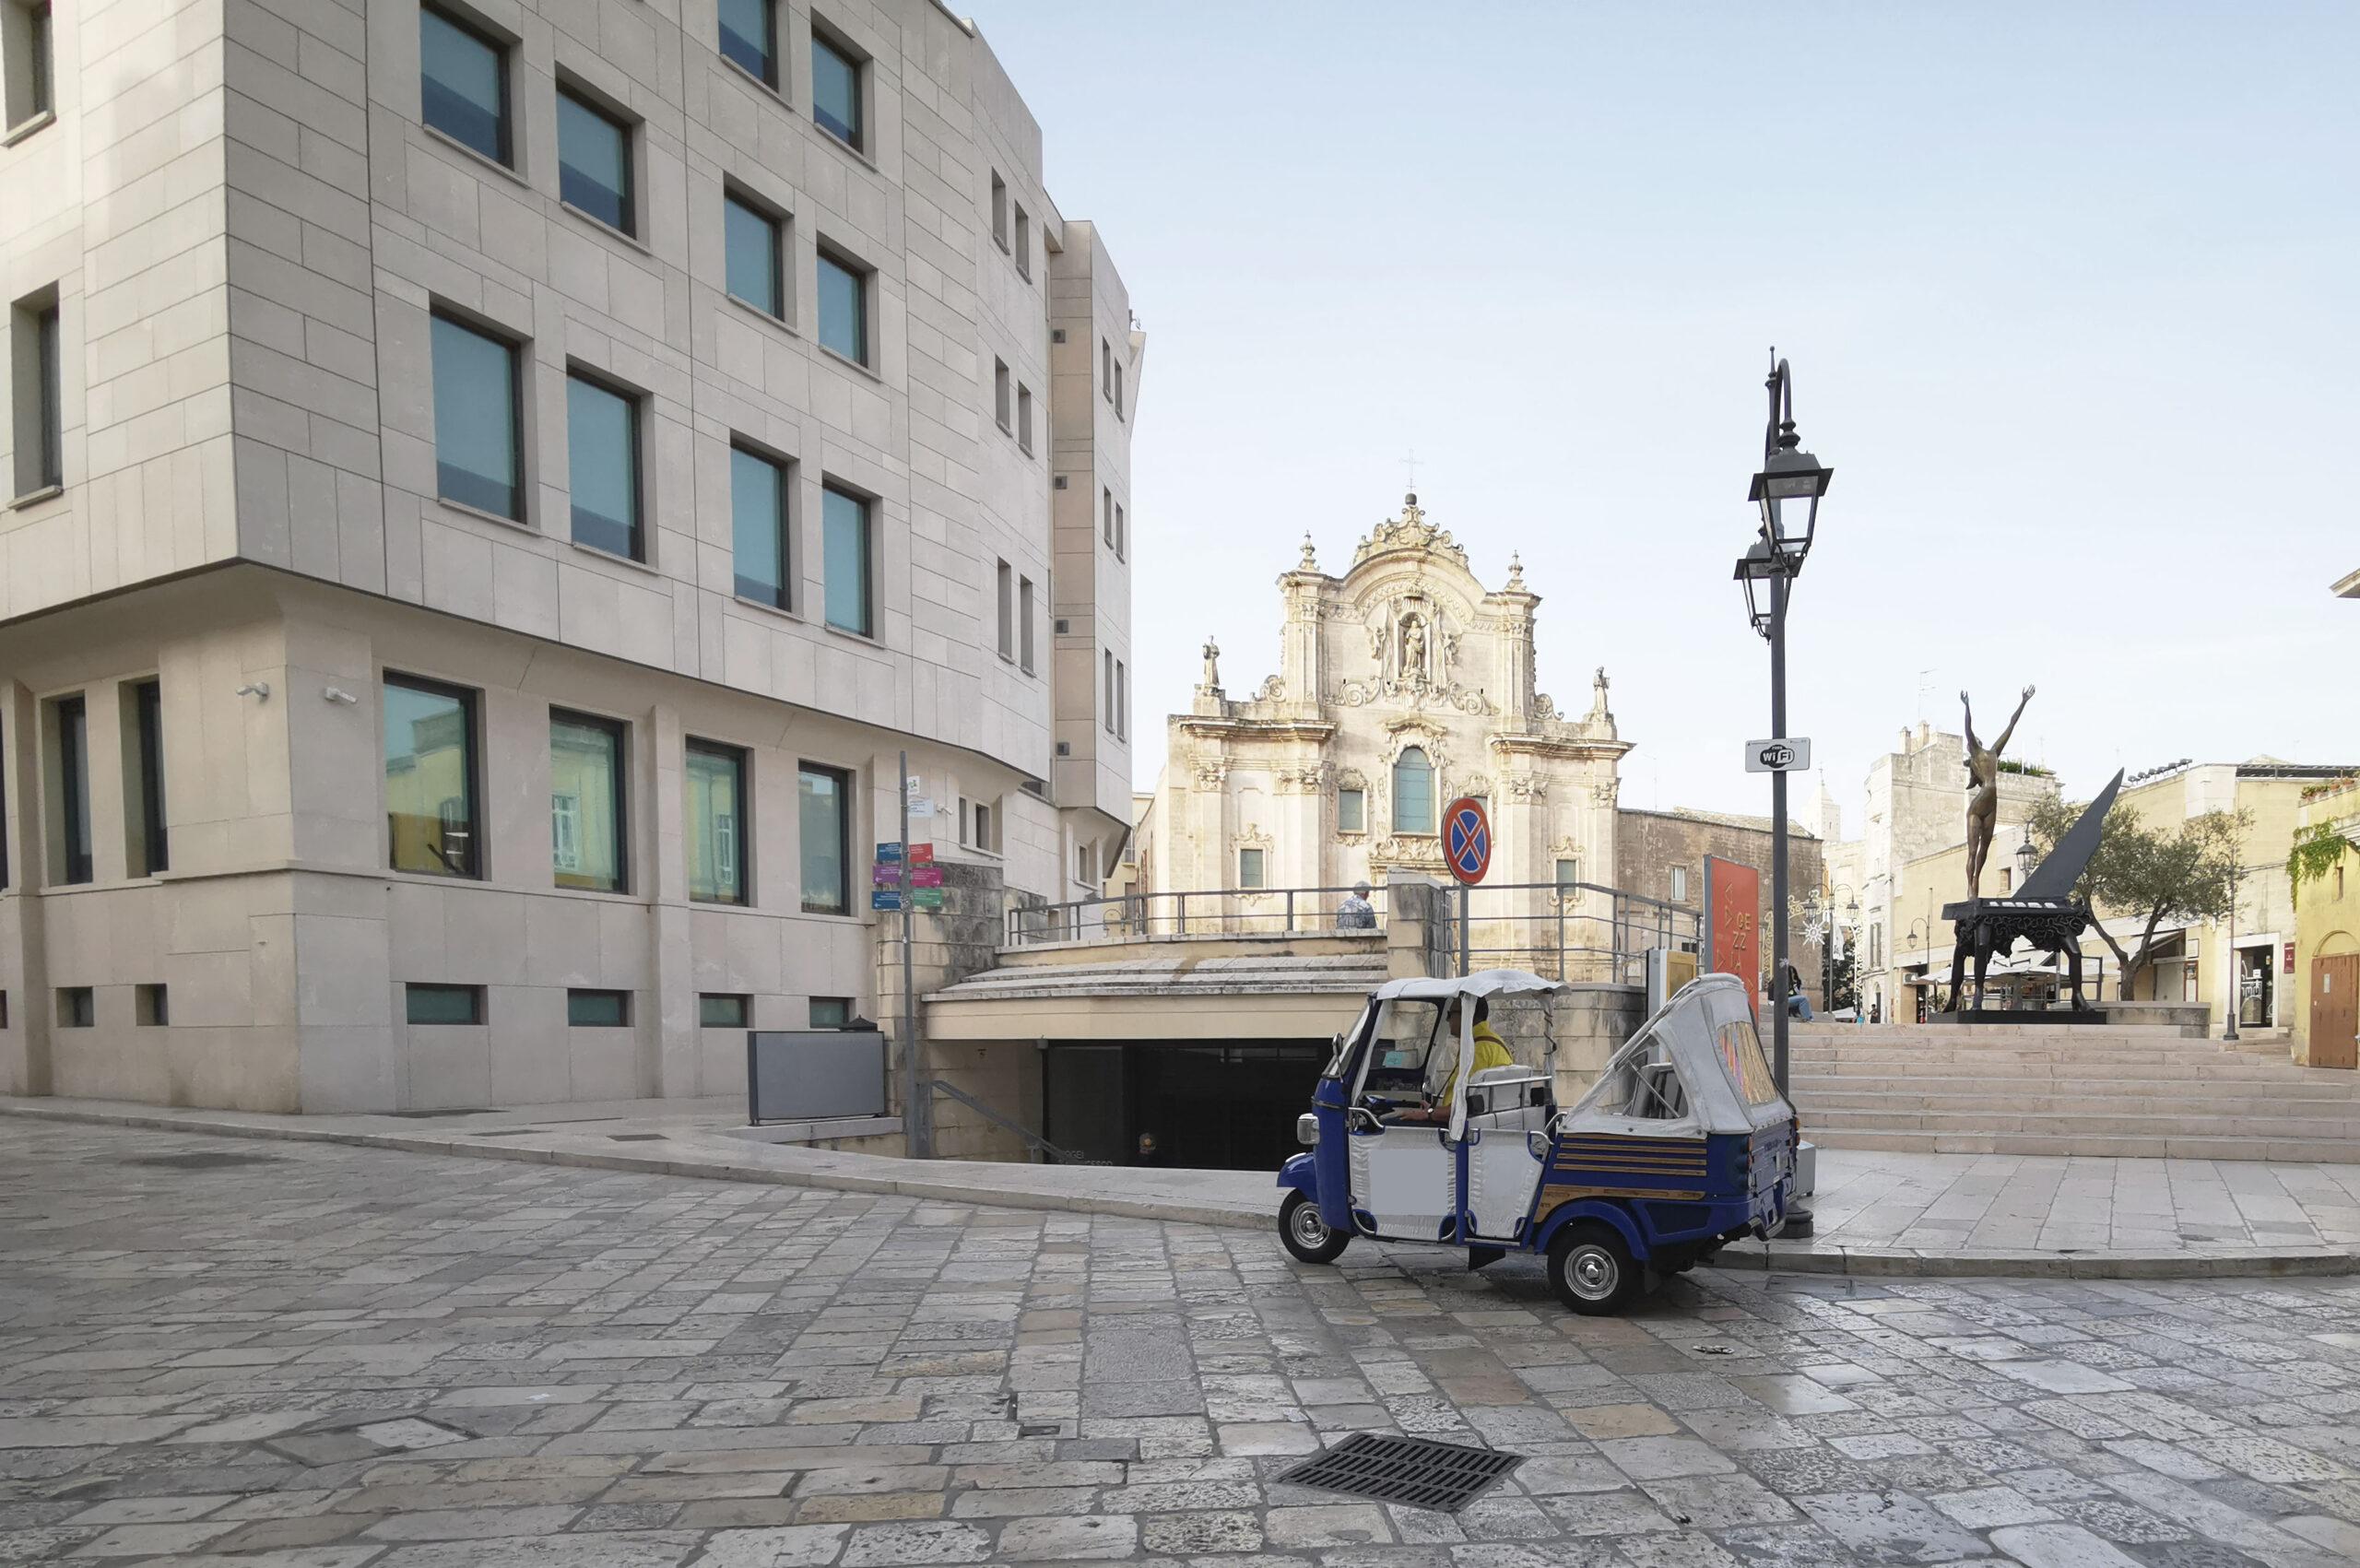 Ape calessino in sosta presso Piazza San Francesco